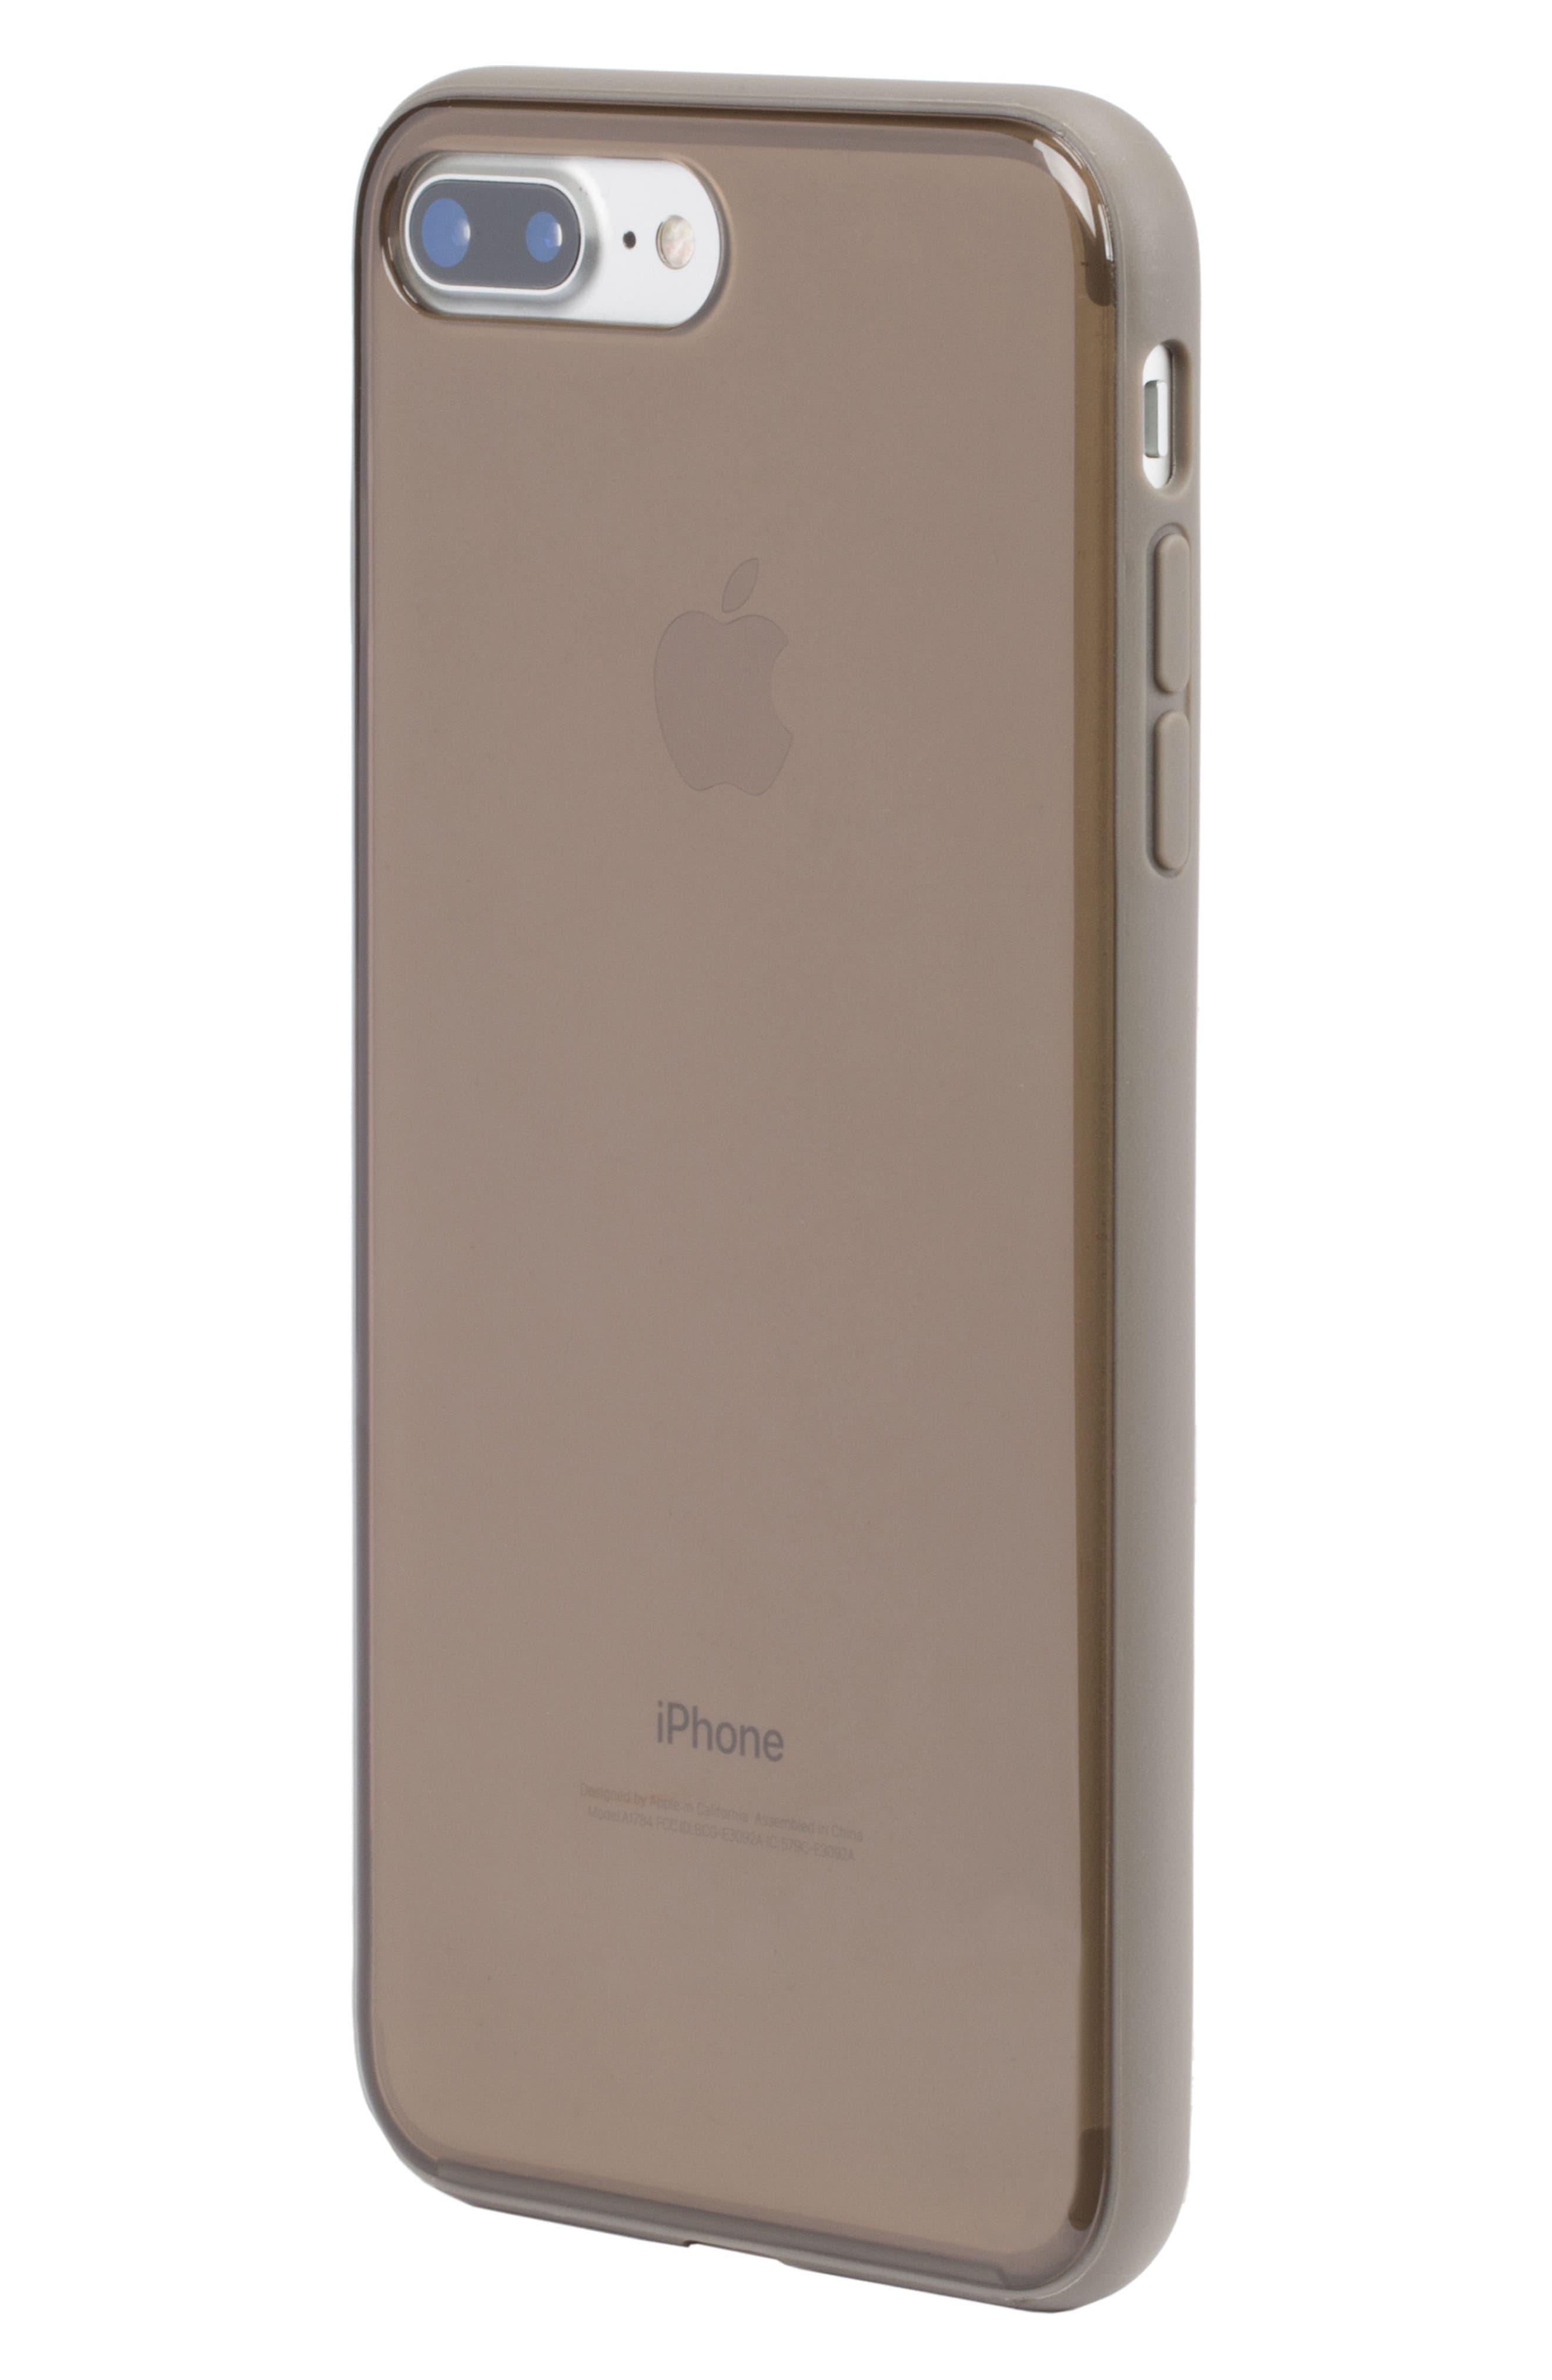 Pop Case Tint iPhone 7 Plus/8 Plus Case,                             Alternate thumbnail 6, color,                             DEEP TAUPE